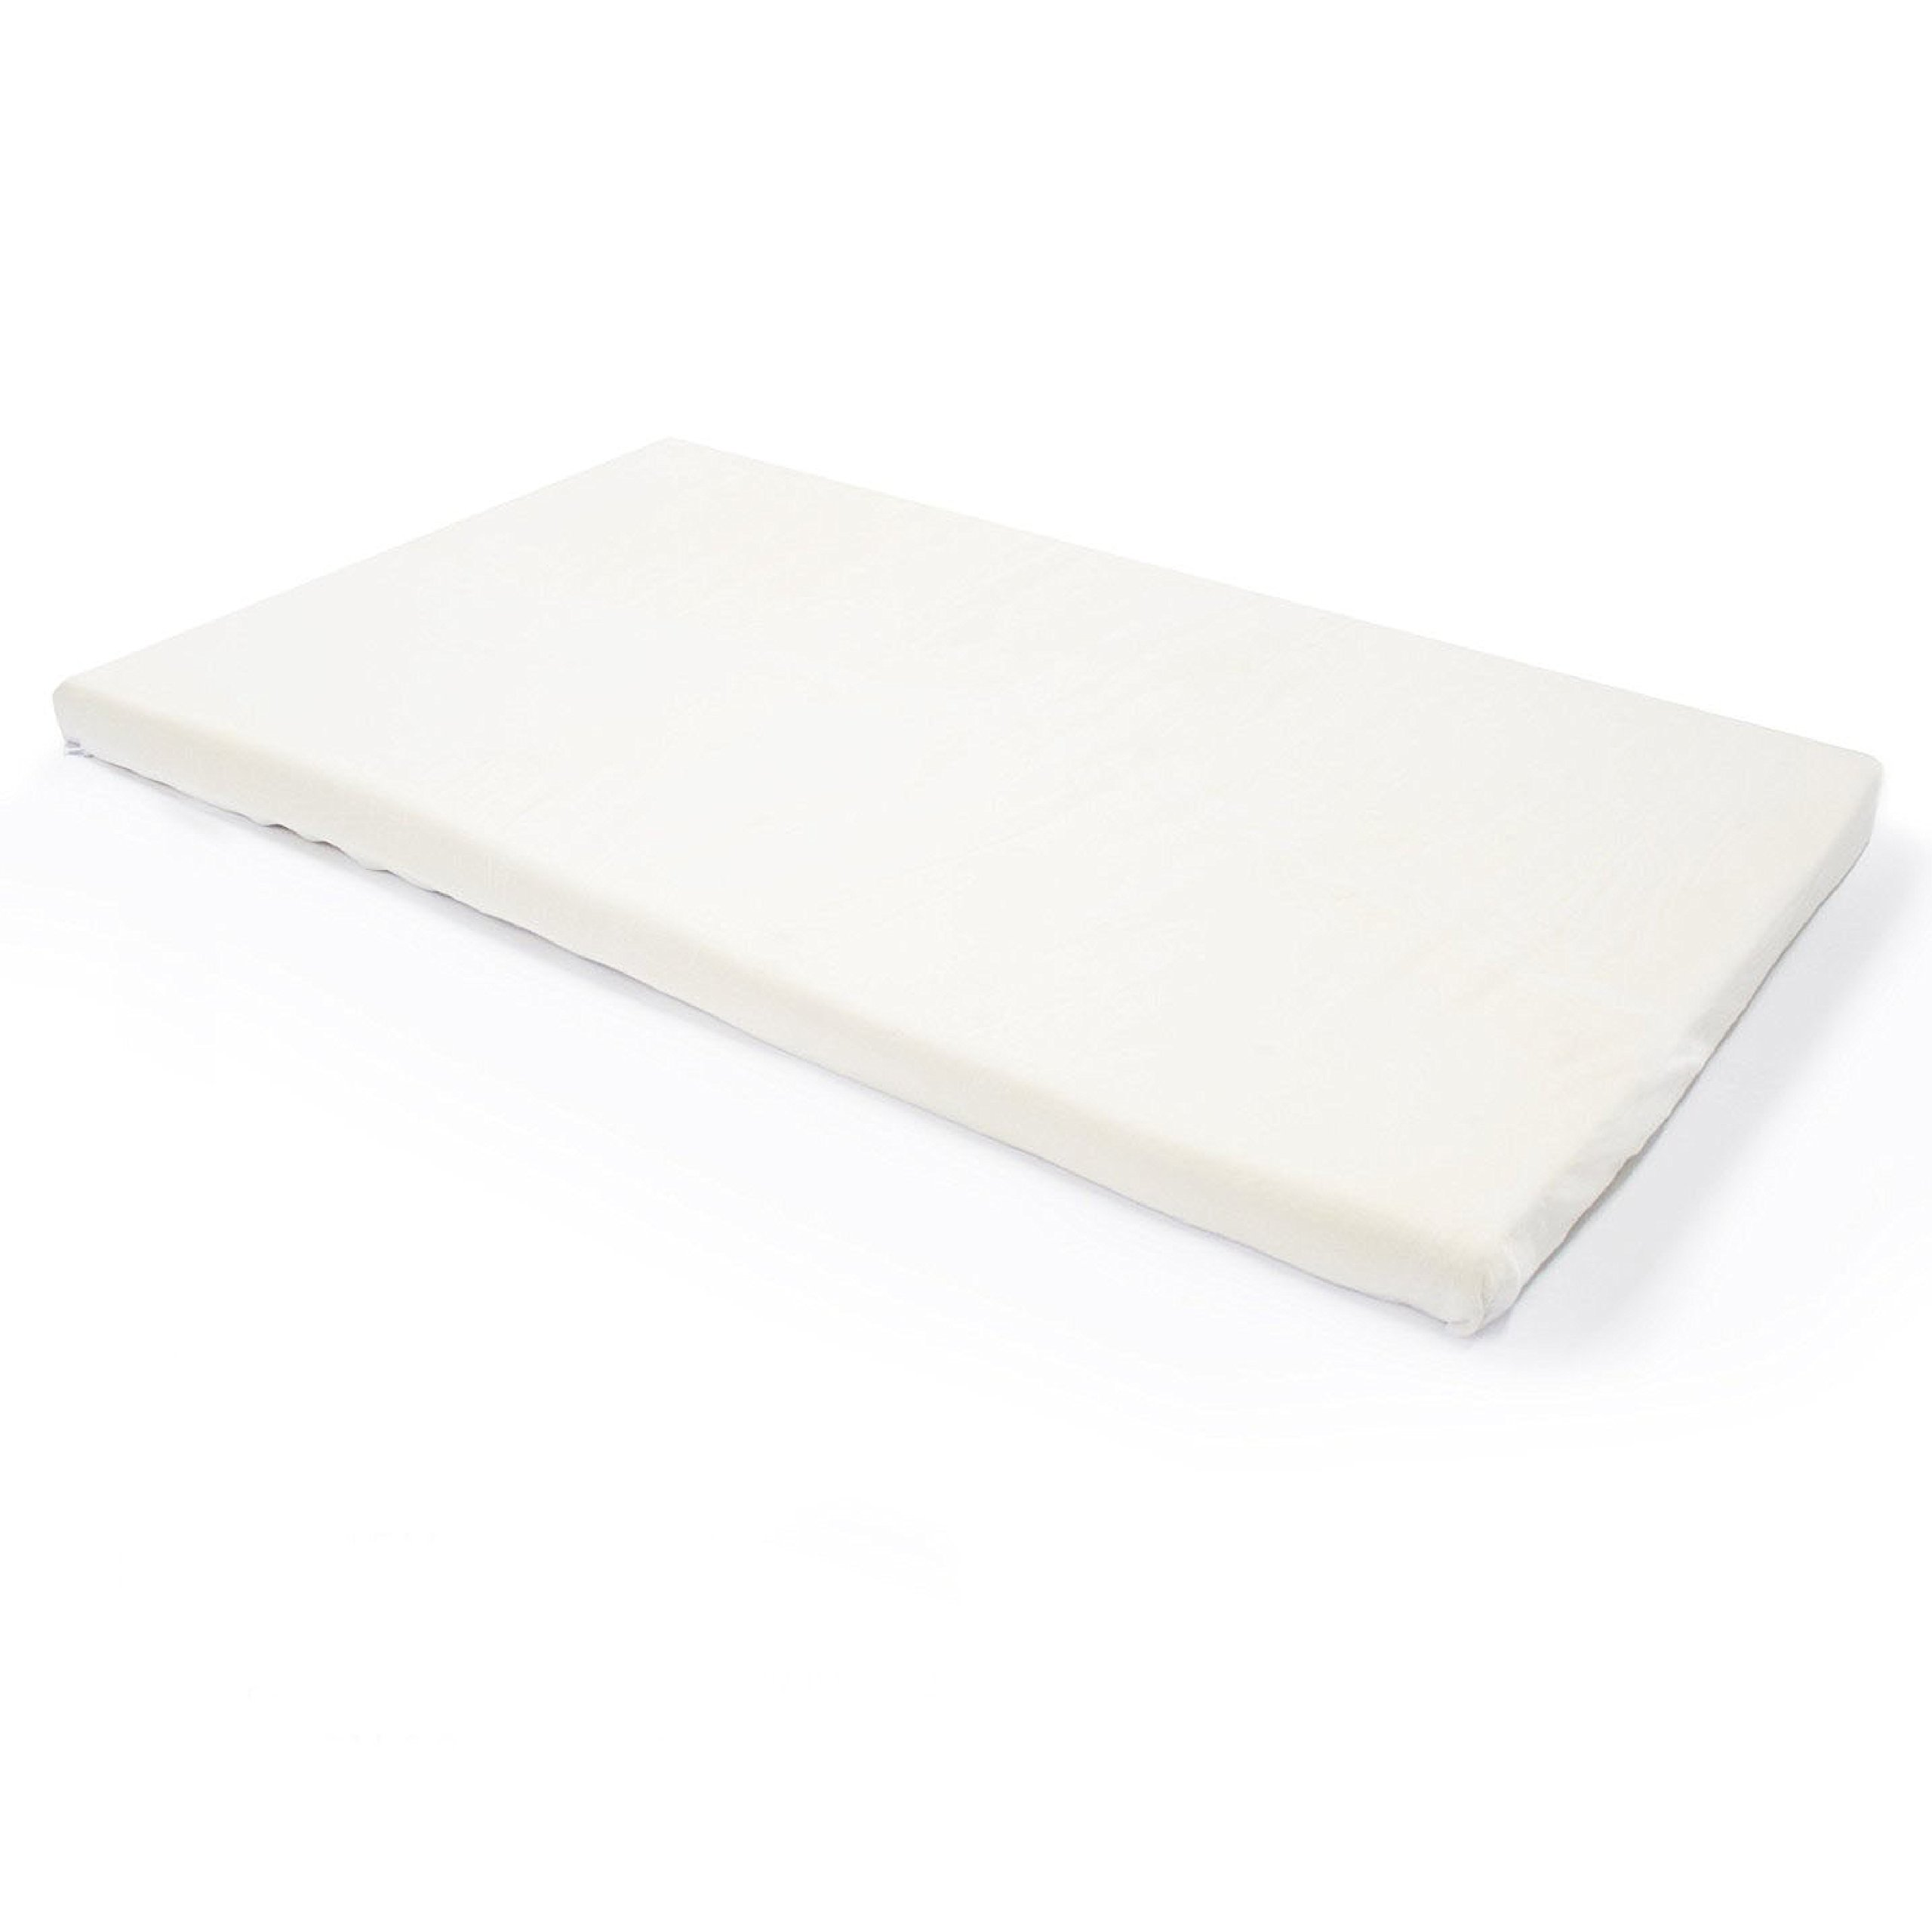 Buy Milliard 2 Quot Gel Infused Memory Foam Mattress Topper Ultra